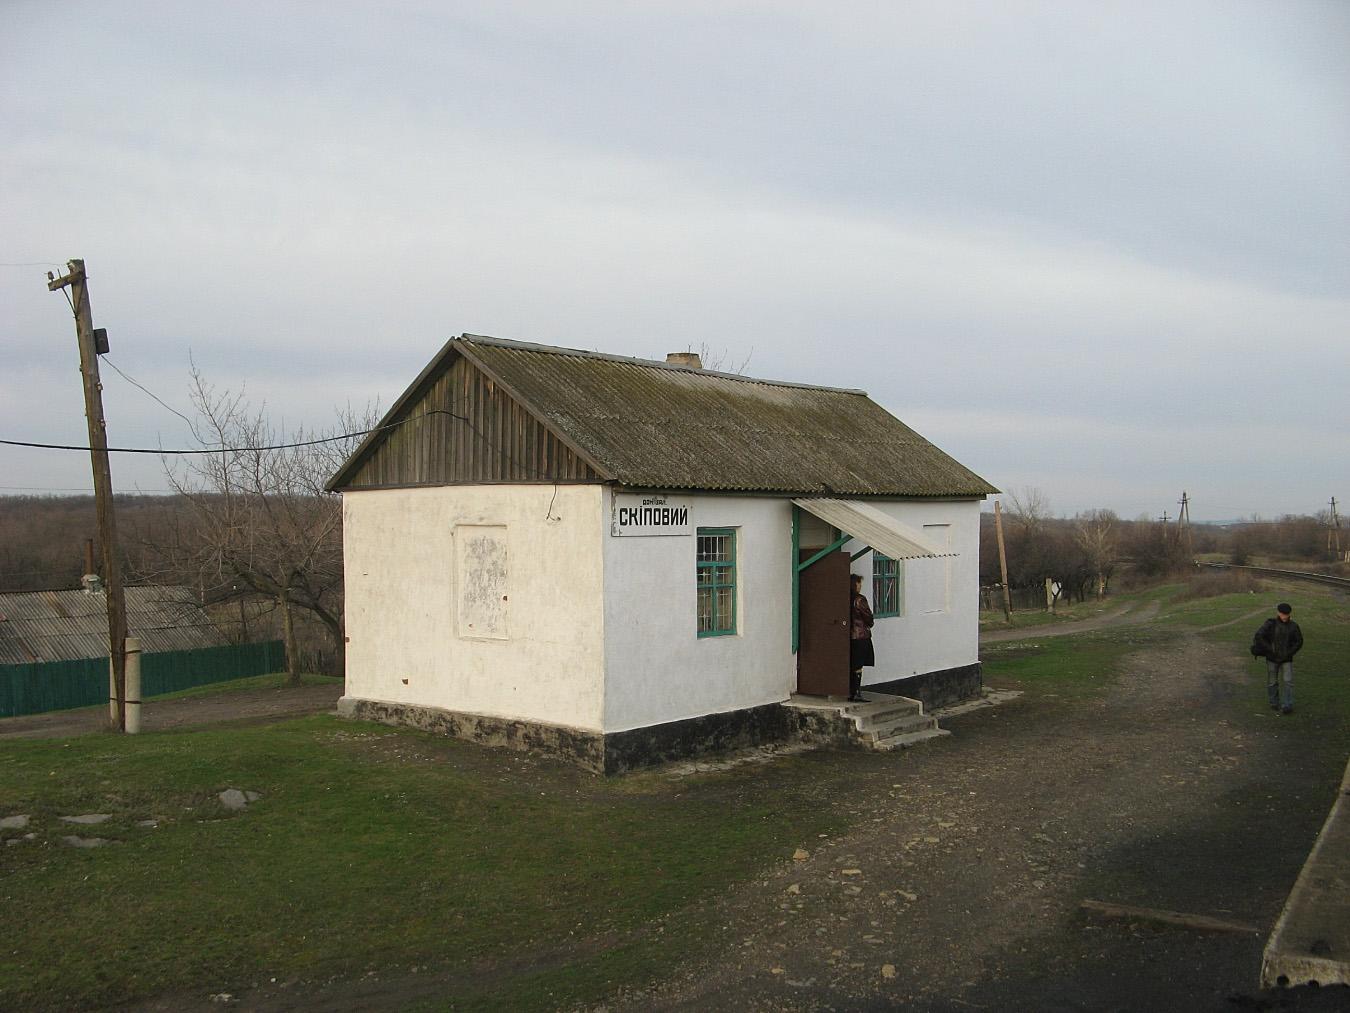 Роз'їзд Скіповий. Луганська область, Антрацитівський район